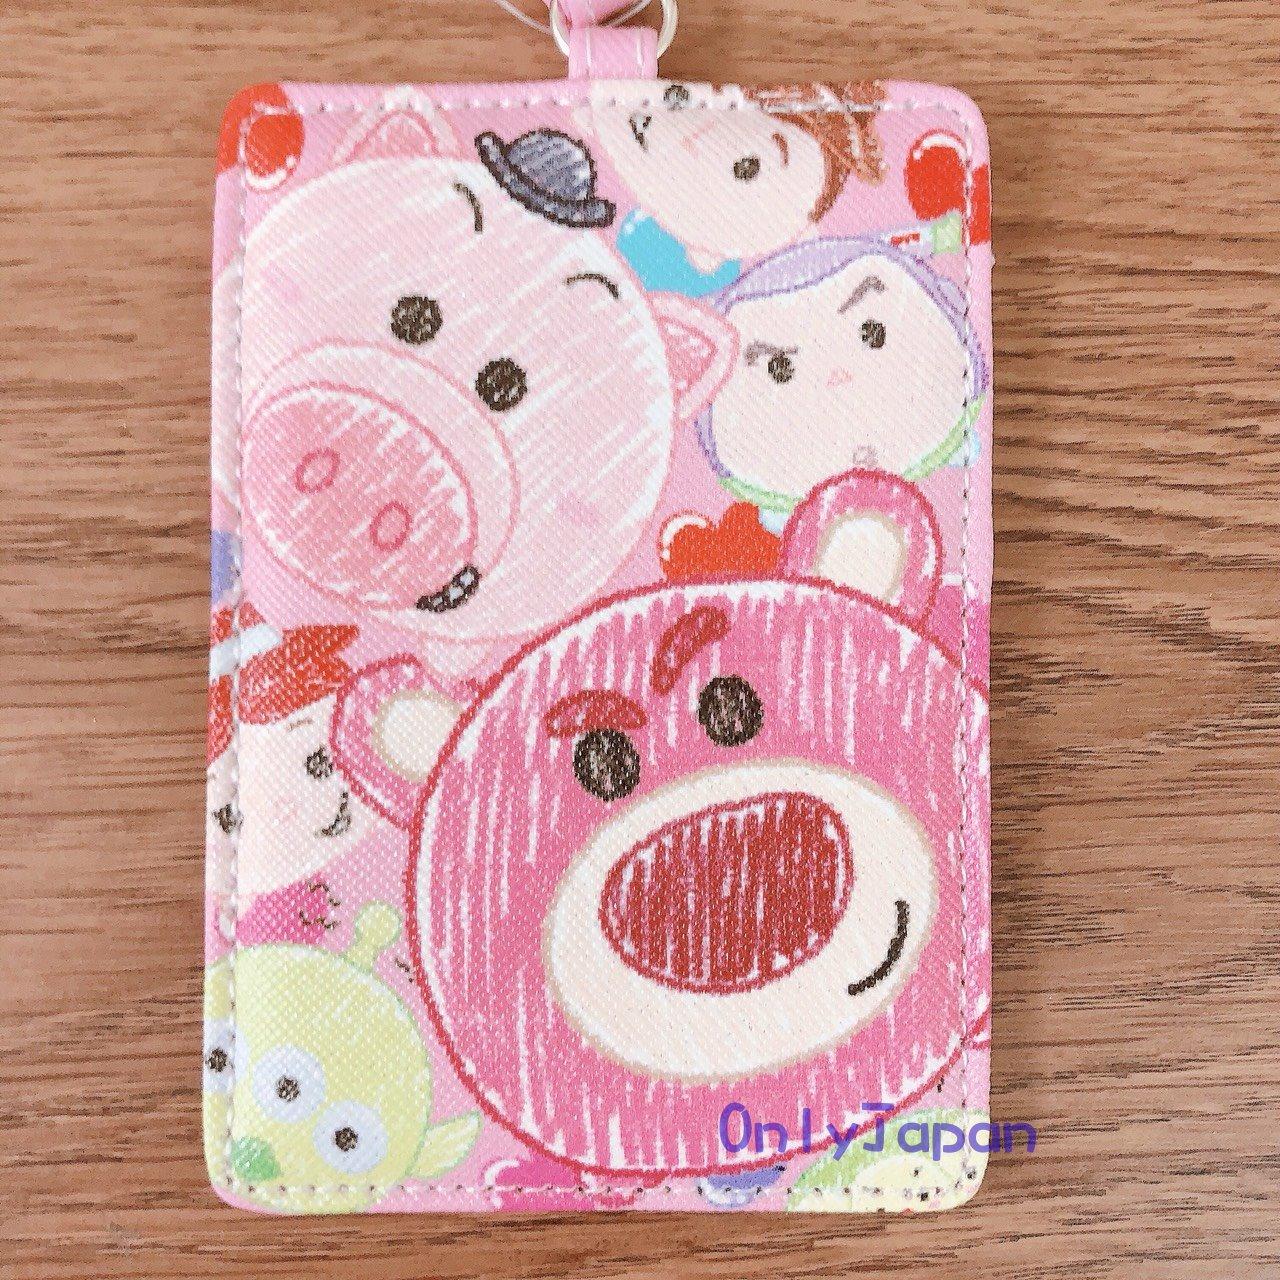 【真愛日本】18030900025 斜紋皮革票卡夾-TSUM畫筆人物粉 熊抱哥 火腿豬 巴斯 翠絲 票卡夾 卡片套